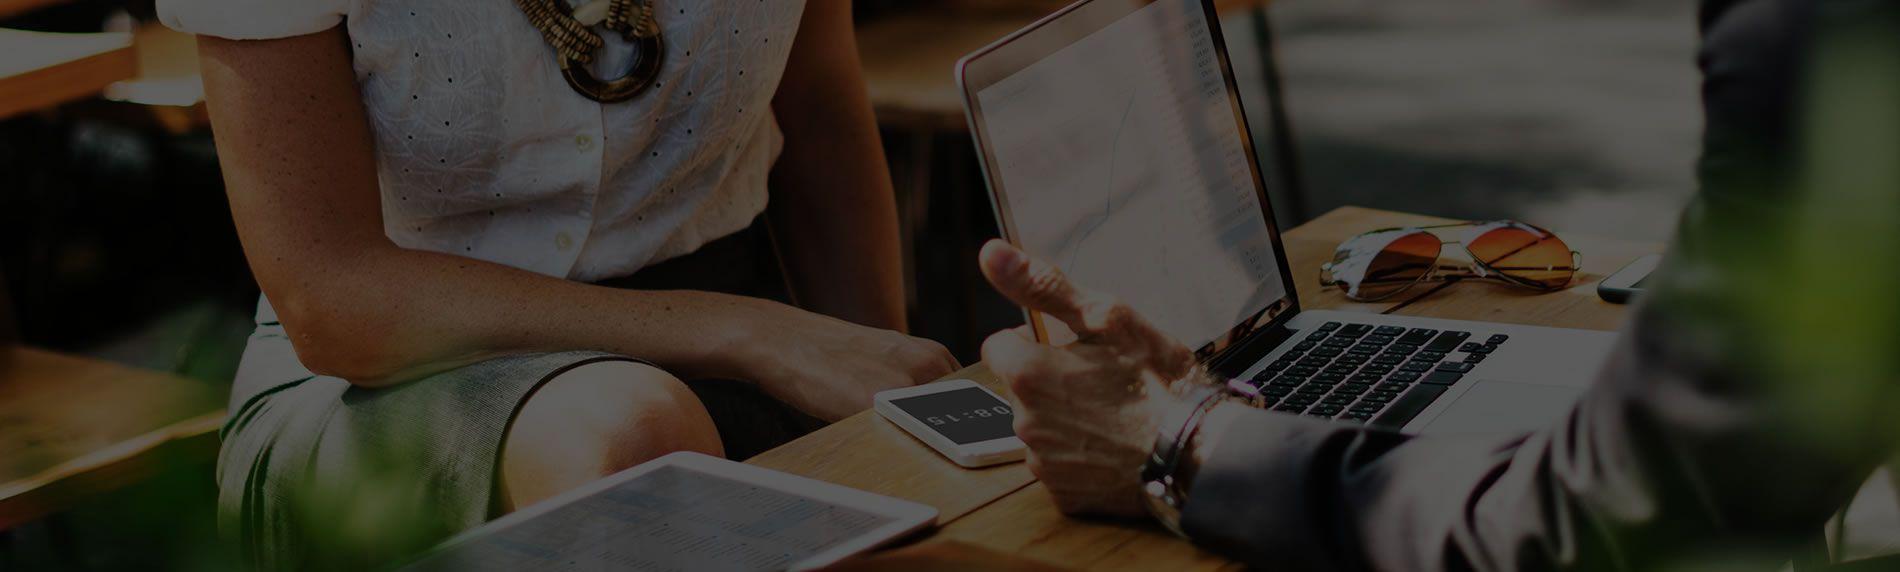 offerte e richieste di lavoro | Lavorare.org, Portale di Annunci di ...